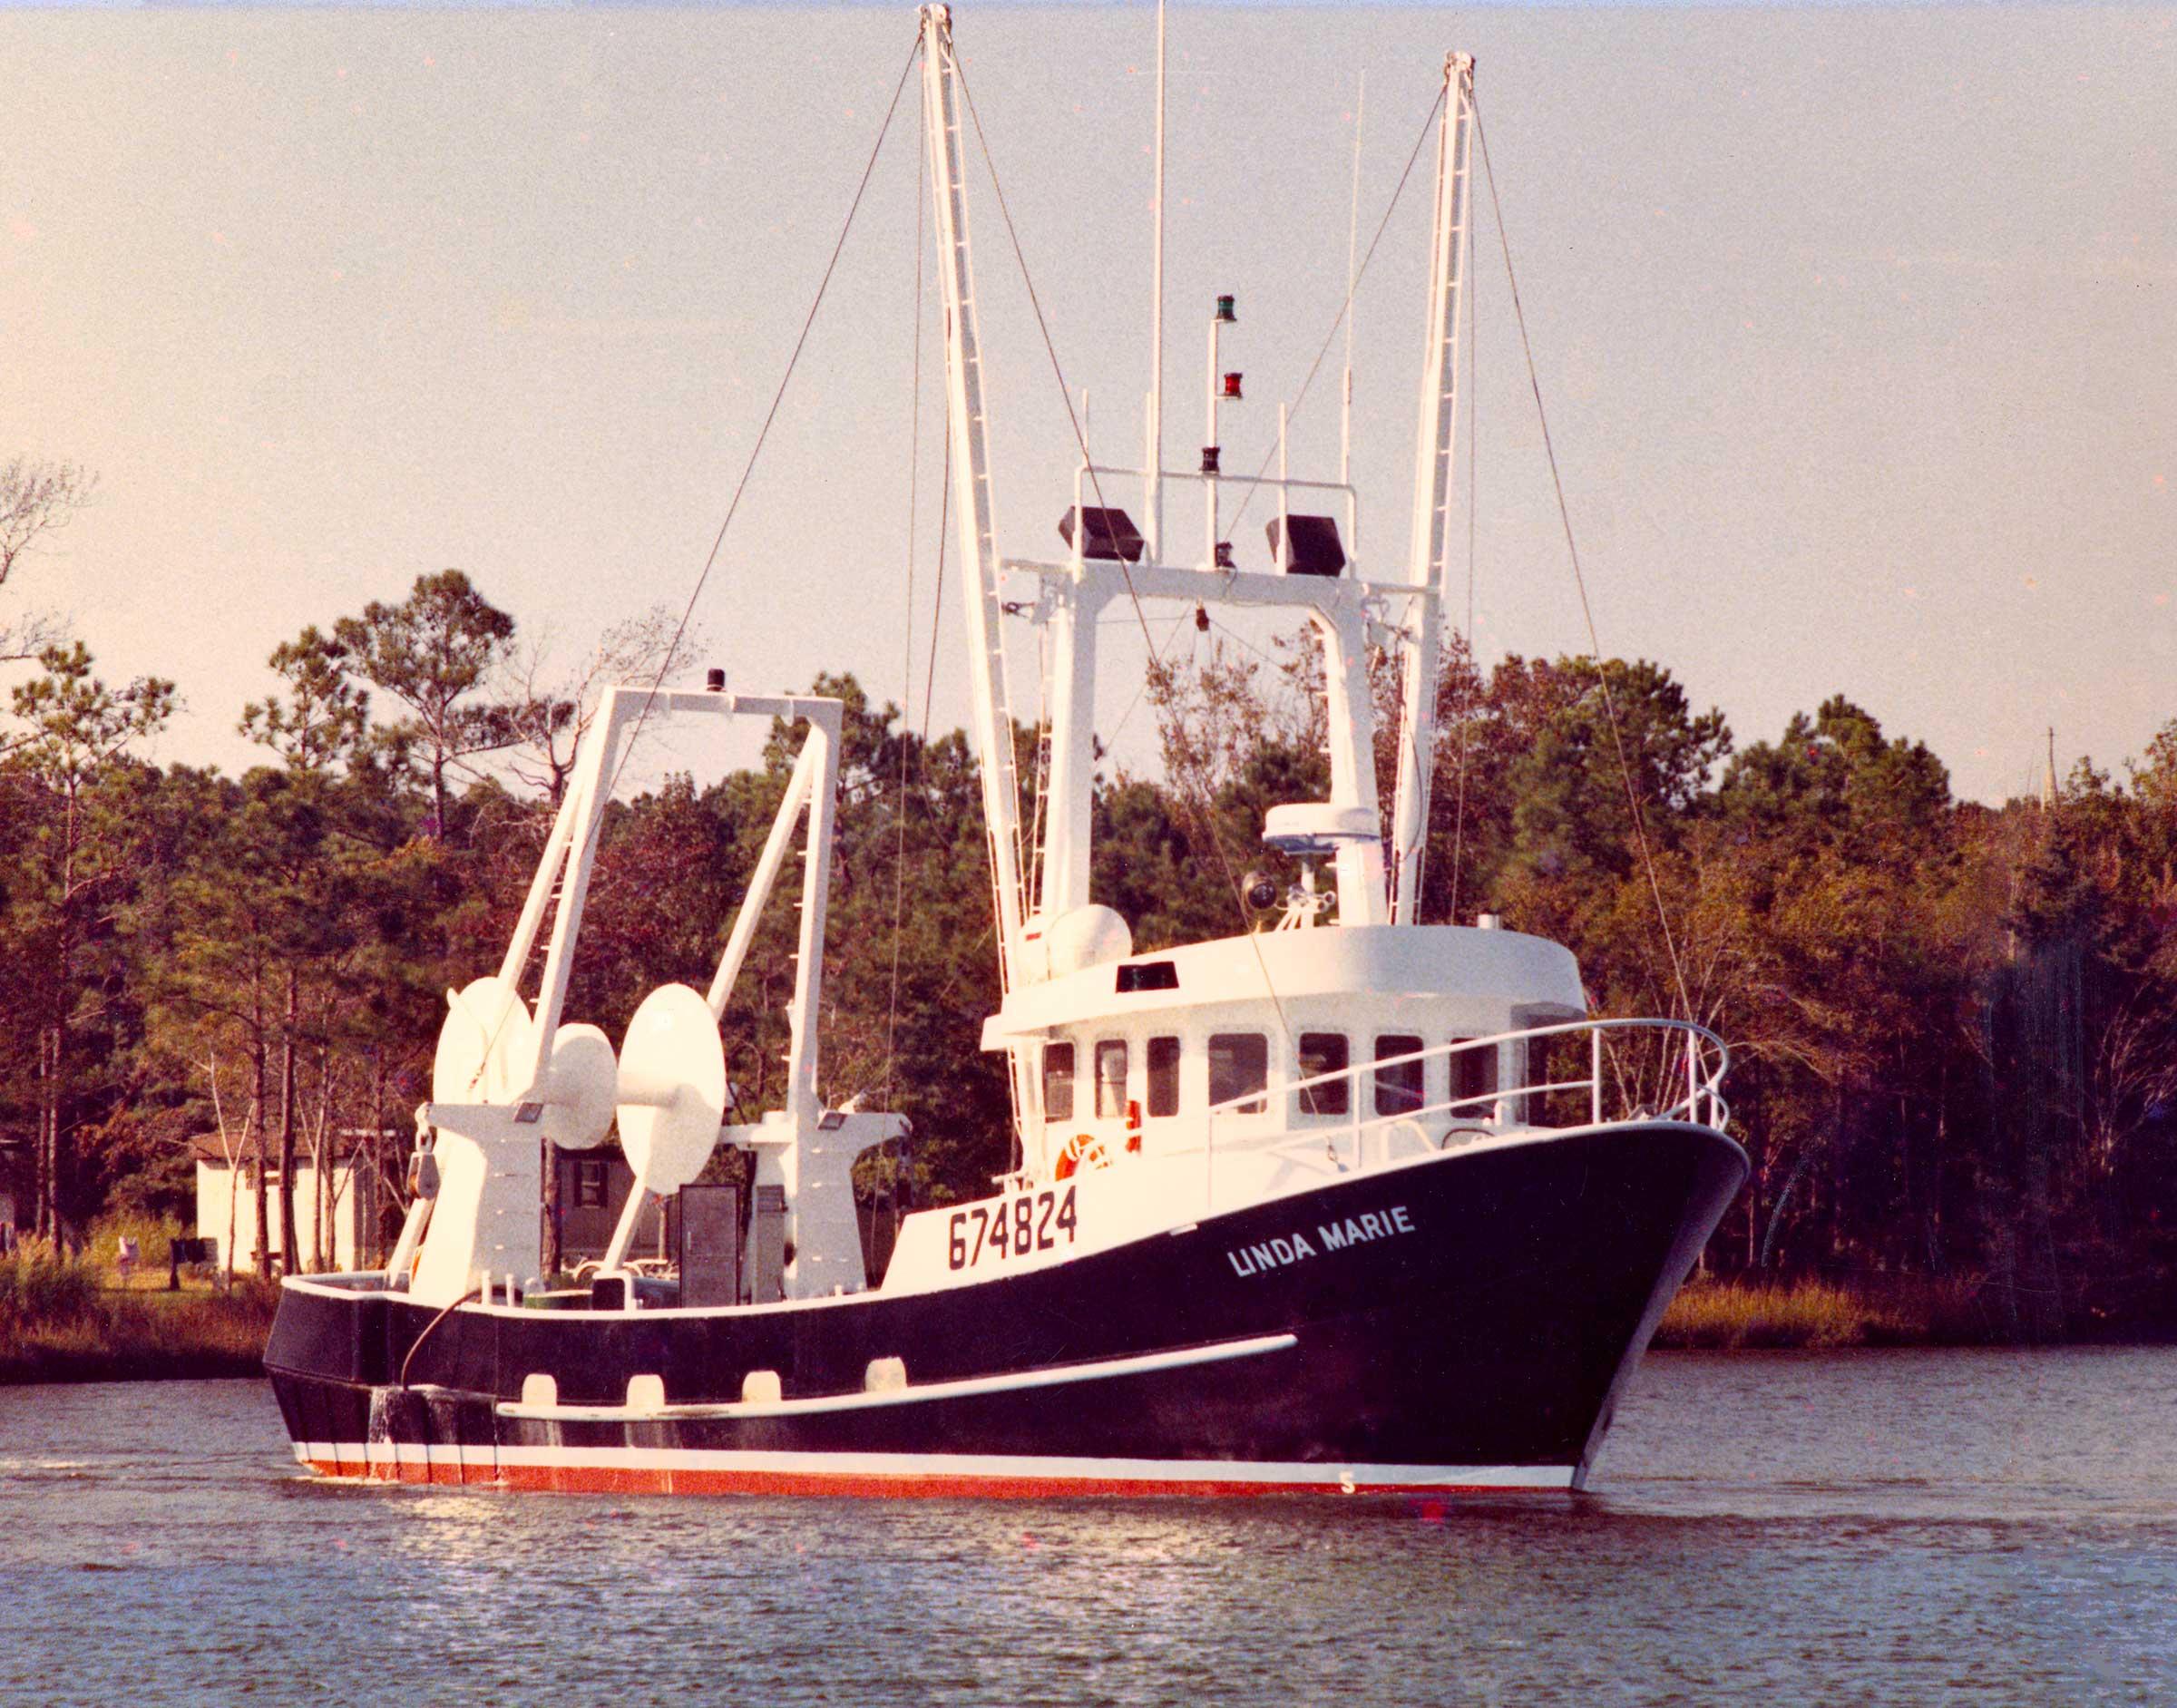 Linda Marie, built 1984